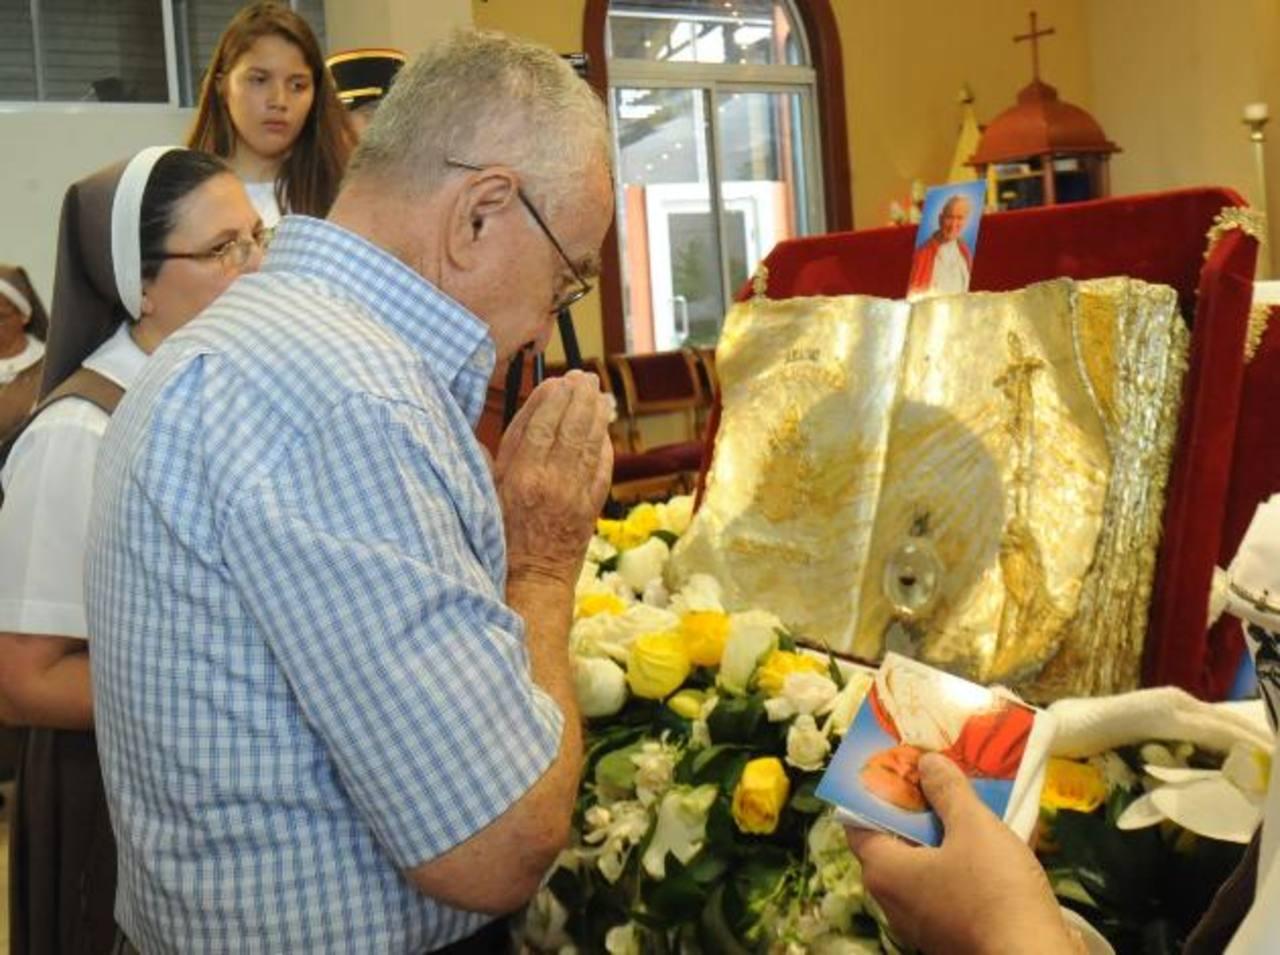 La feligresía llegó desde tempranas horas para poder venerar el relicario con la sangre de San Juan Pablo II y poder realizar sus peticiones. Foto EDH/ Lissette Monterrosa